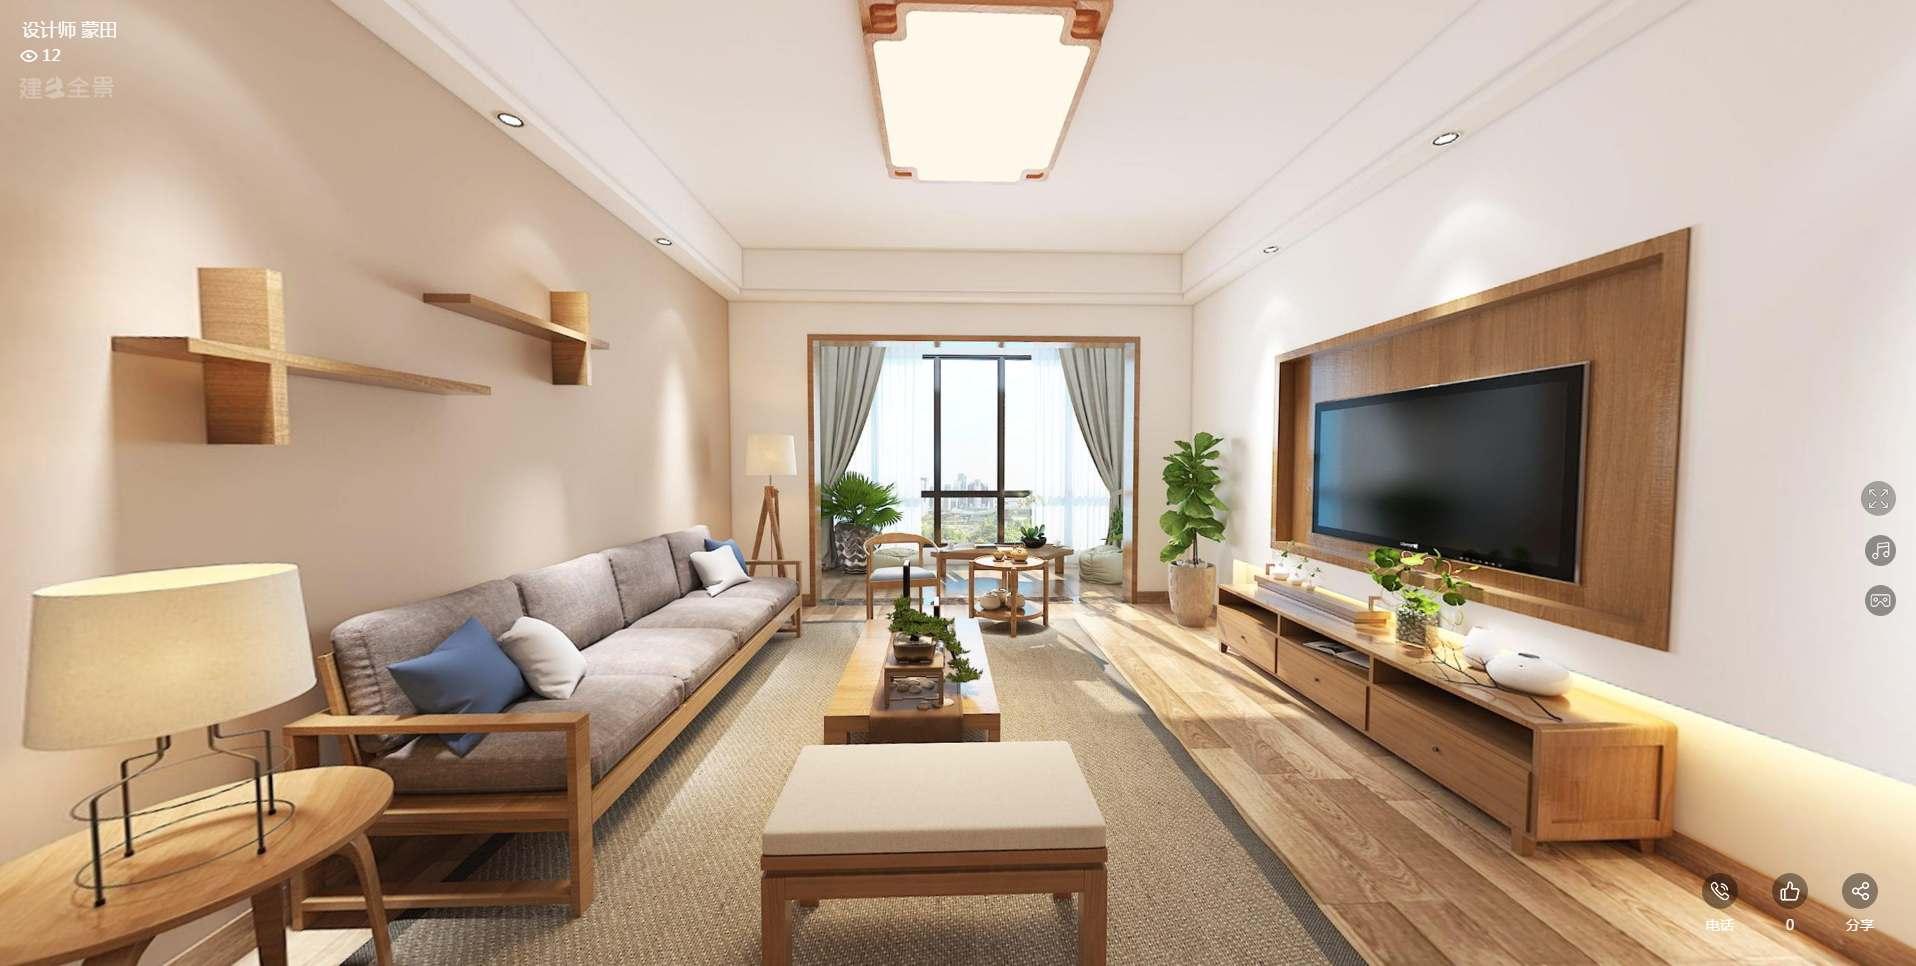 龙光玖龙台—日式风格—150000